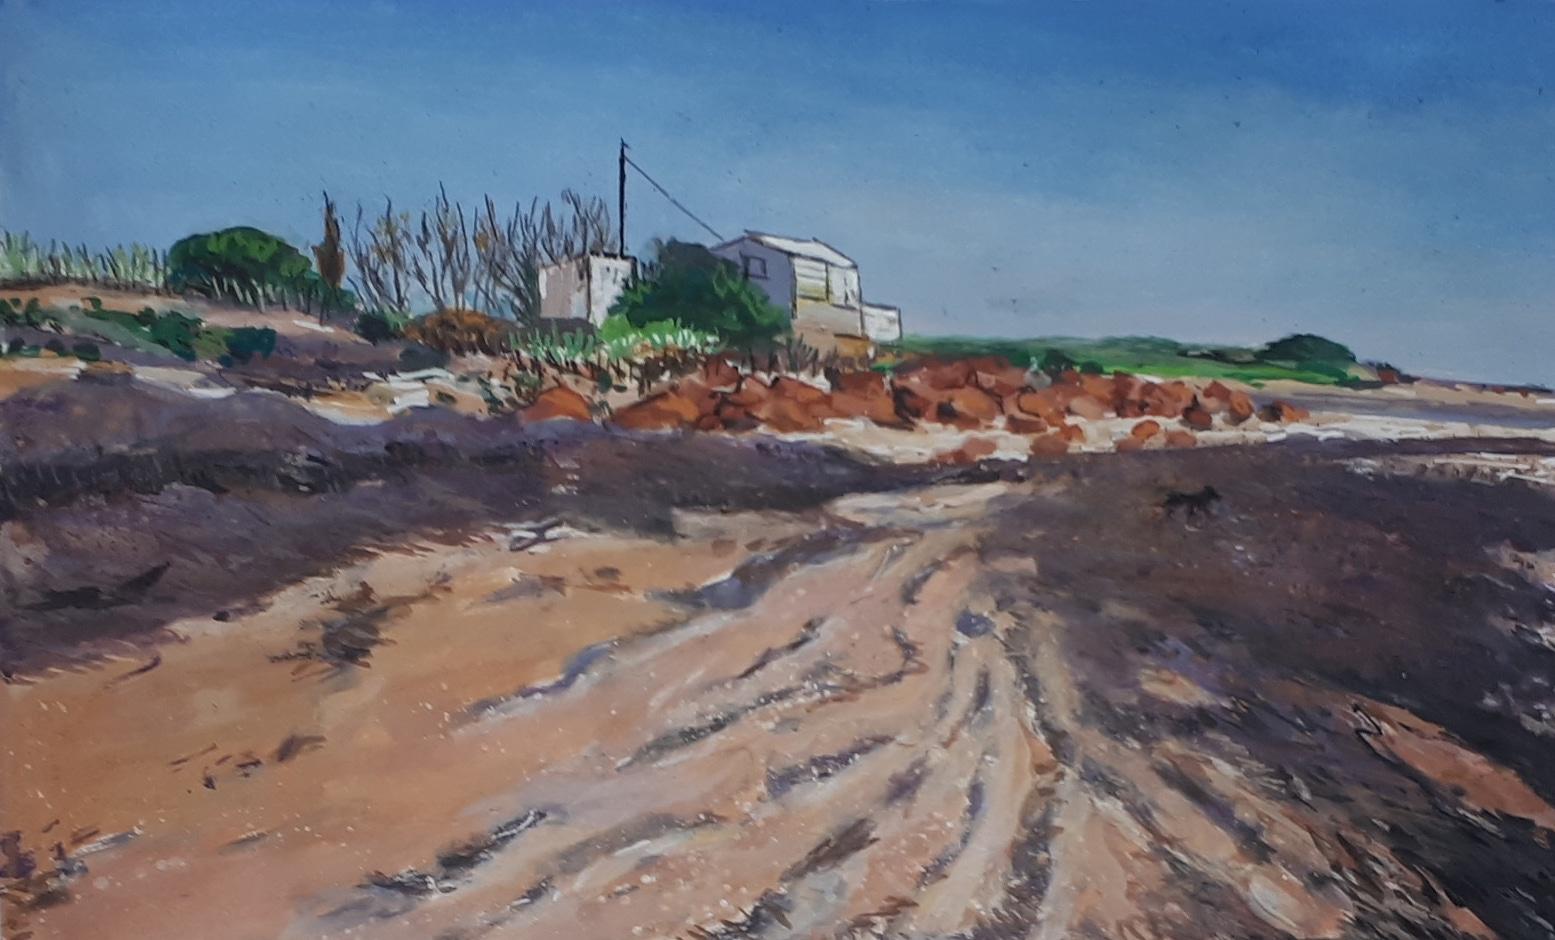 Sophie Dunlop-Beach shack, Copper, Coast, gouache on paper